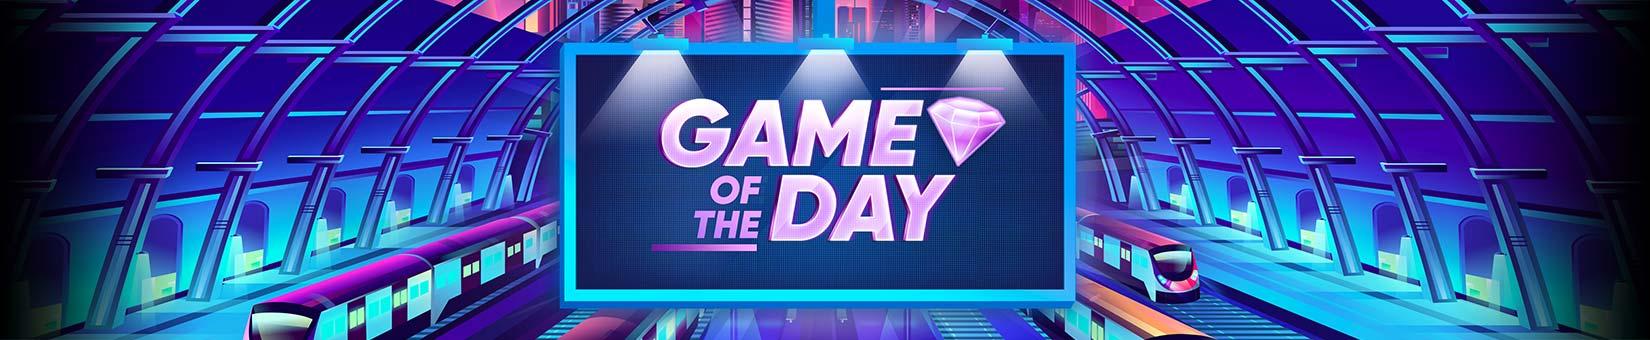 Juegos de casino en linea gratis tiradas GVC Holding-714288